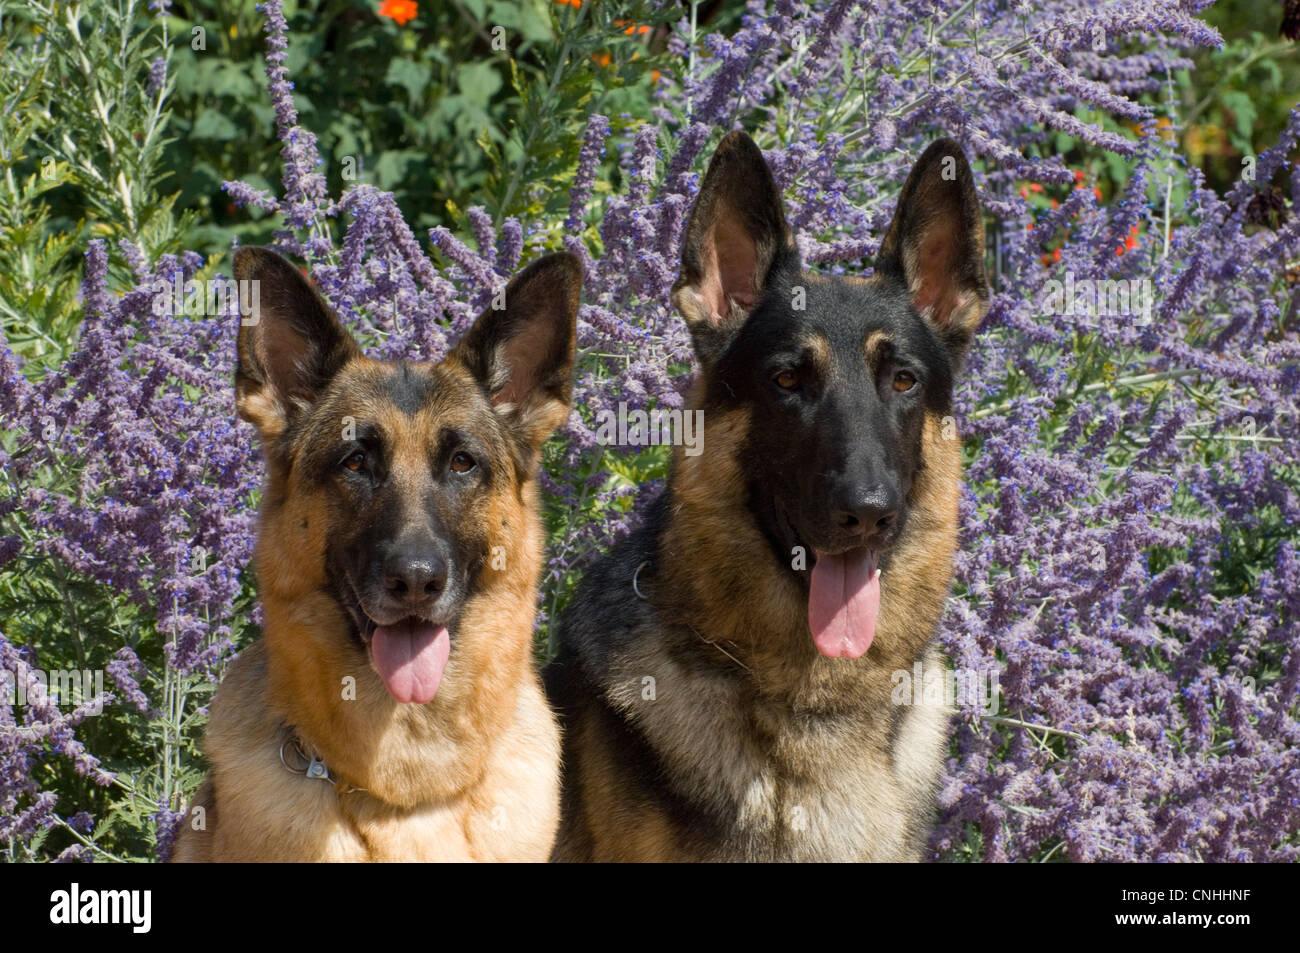 Zwei Deutsche Schäferhunde vor Blumen-Kopfschüsse Stockbild